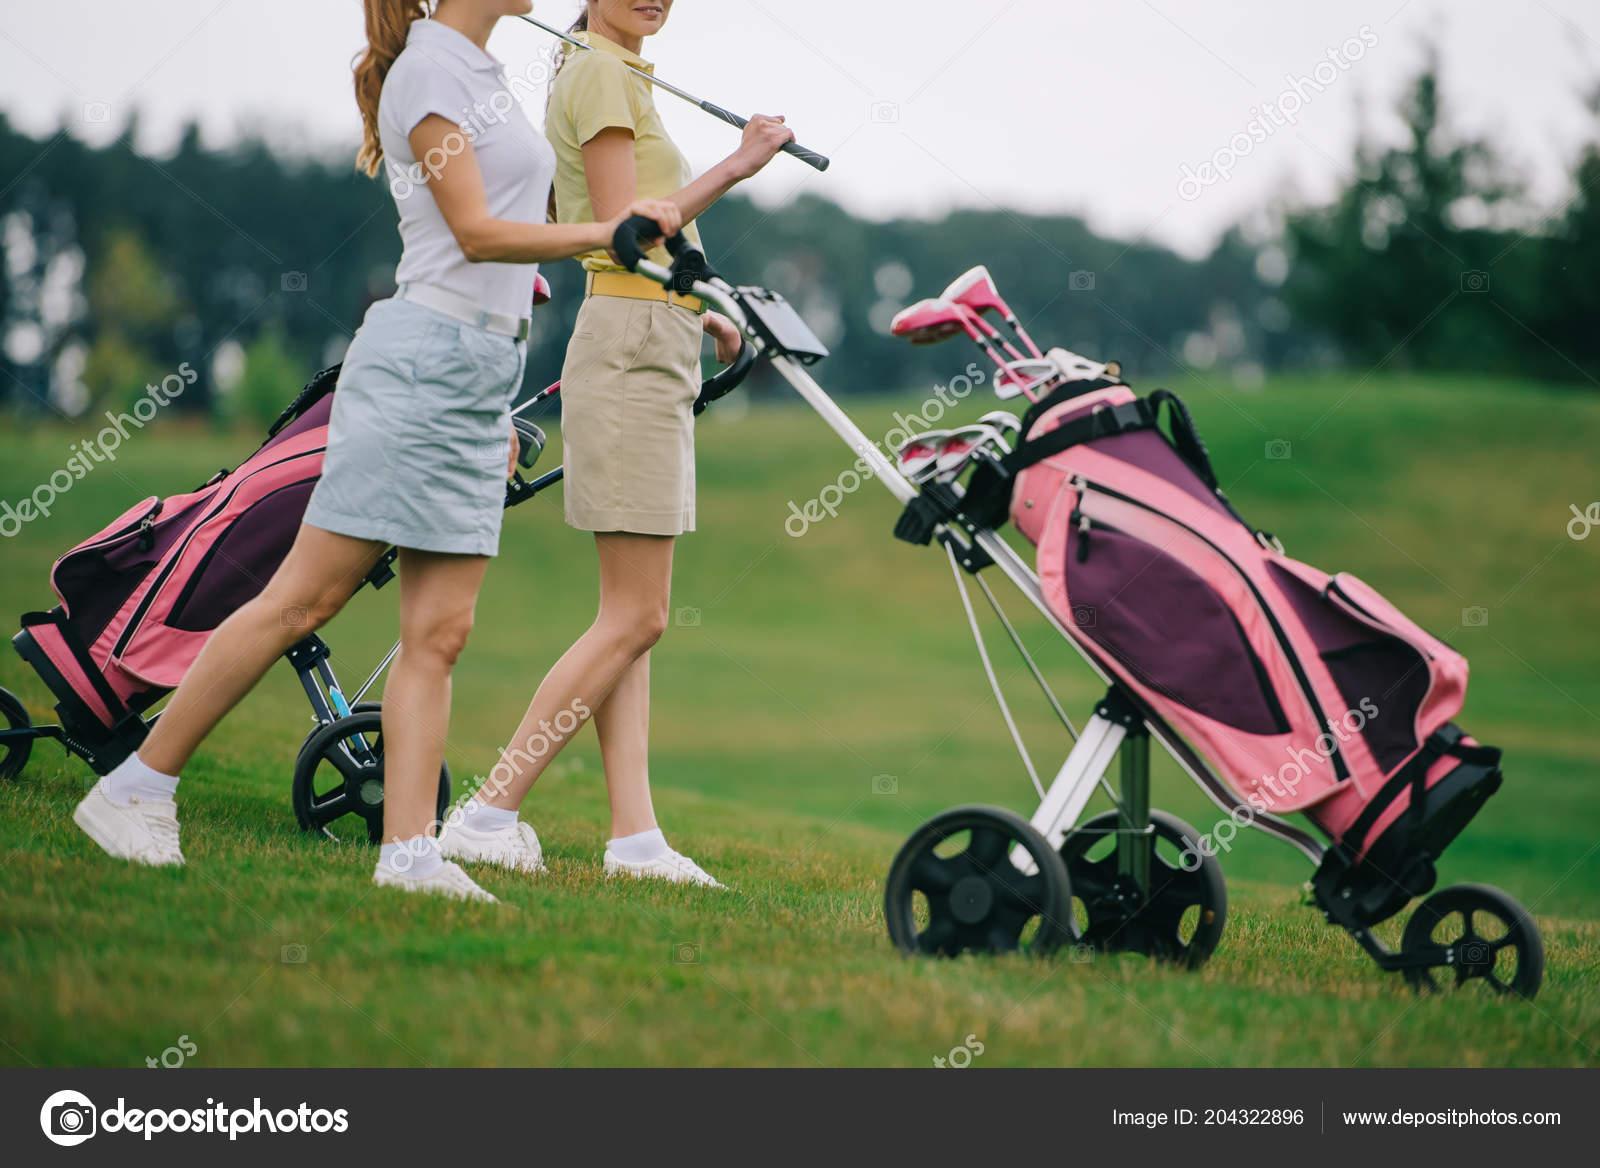 Μερική Άποψη Της Γυναικείας Γκολφ Παίκτες Polos Περπάτημα Στο Γκολφ —  Φωτογραφία Αρχείου bff390af5ab